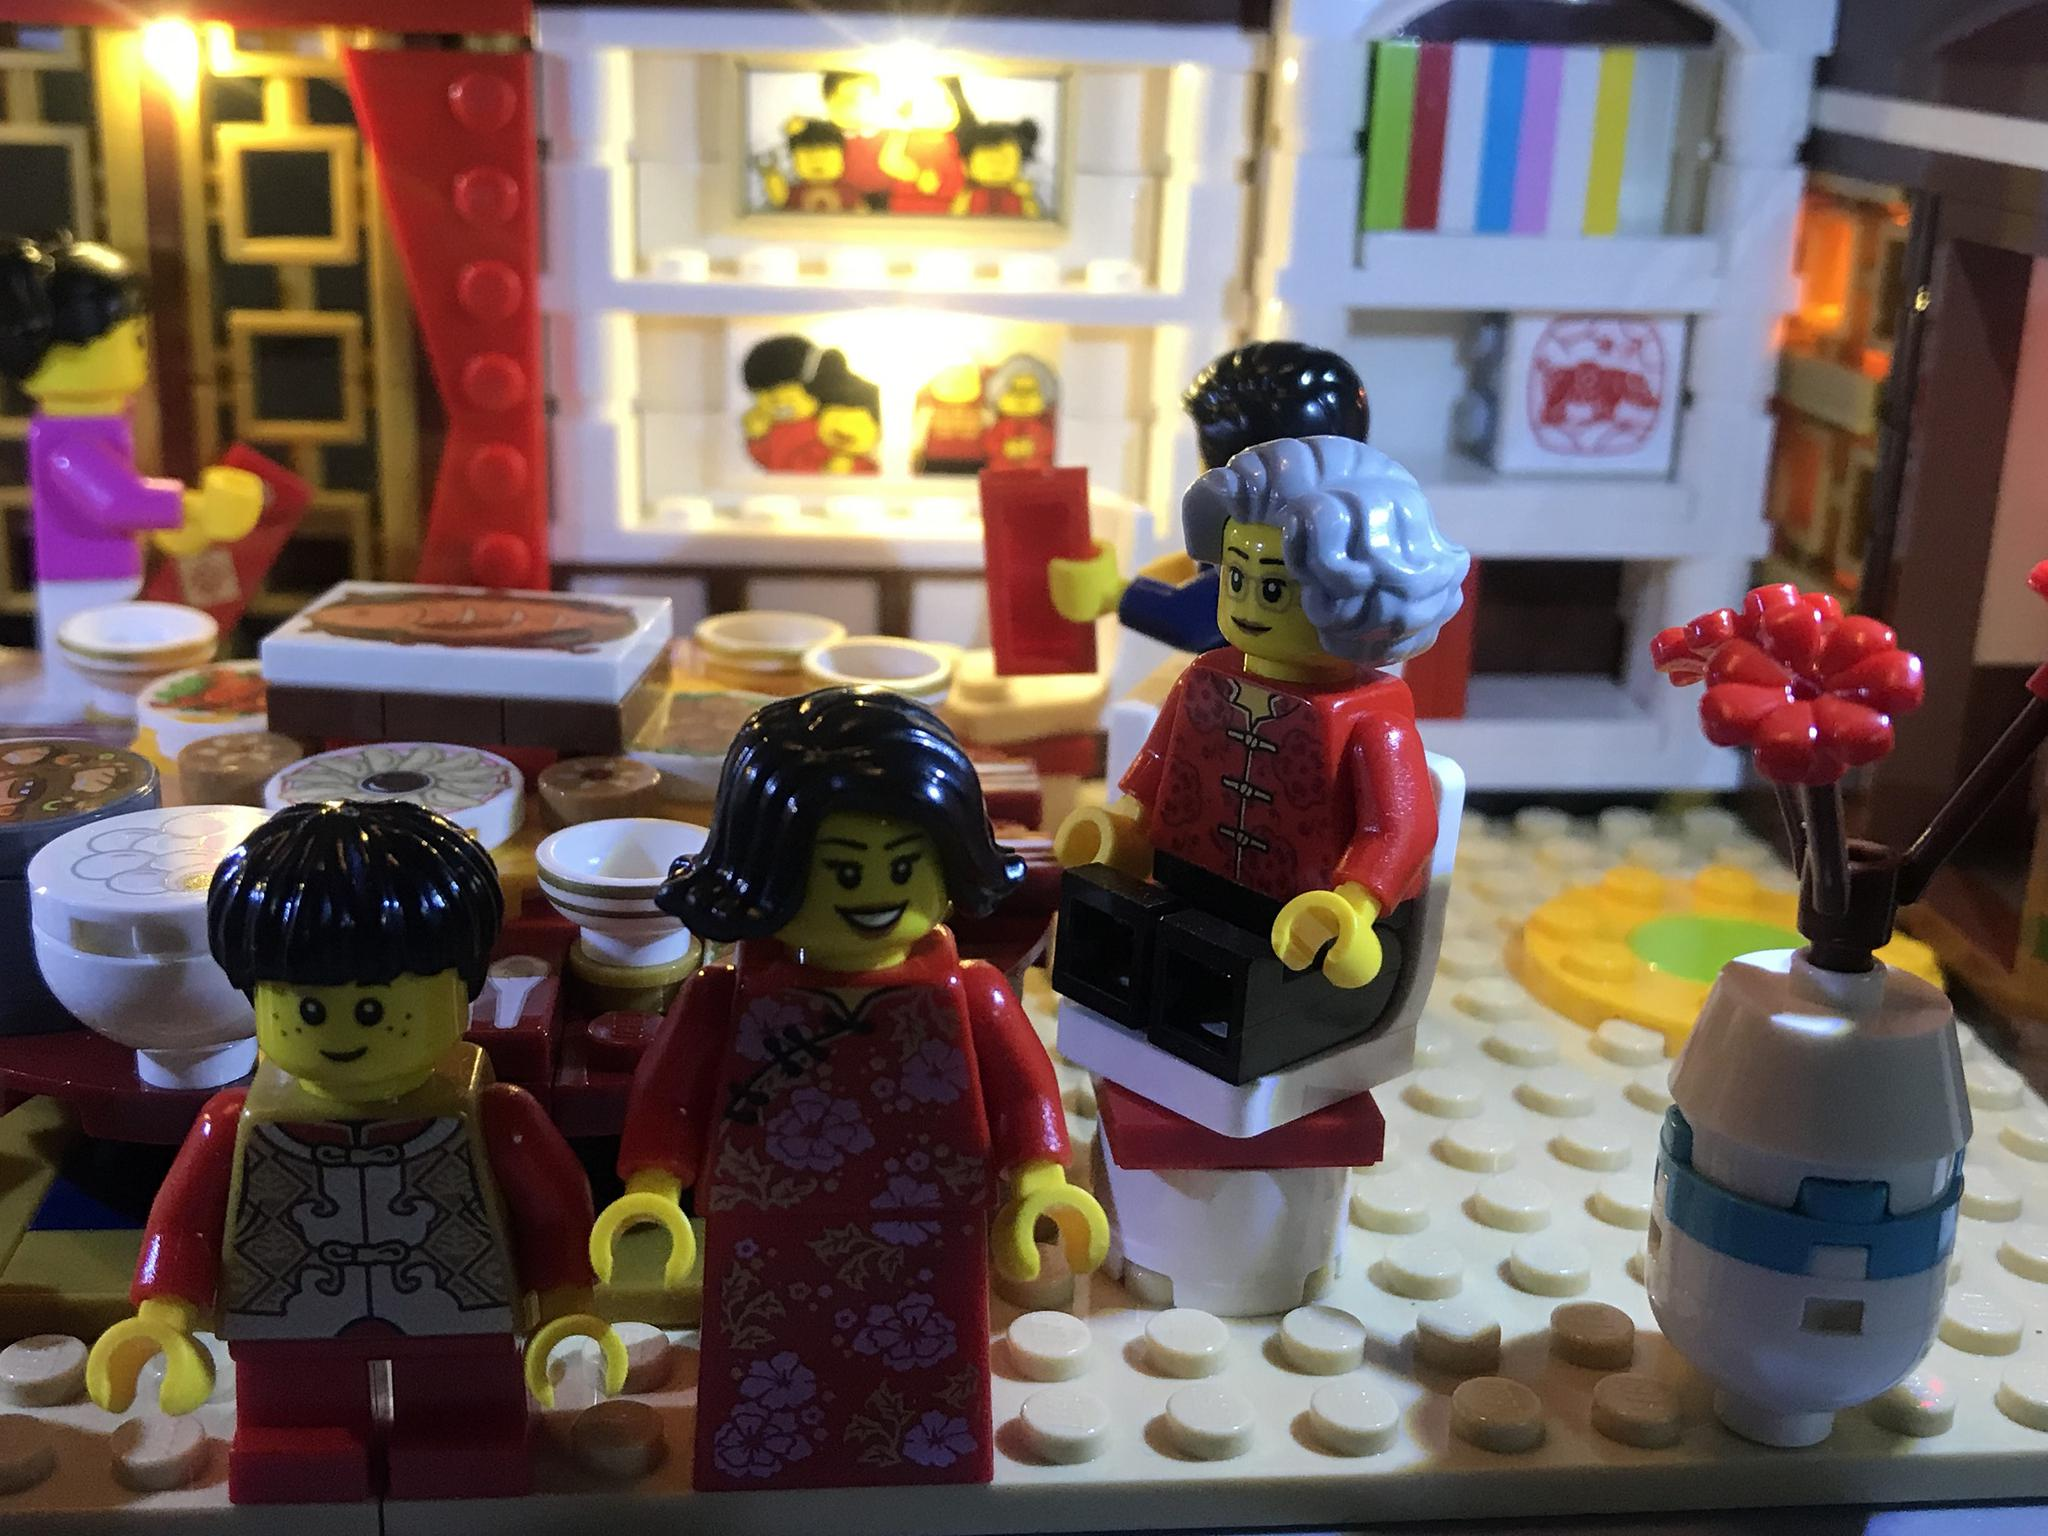 灯光改造后的乐高春节套装年夜饭,是不是更有节日氛围呢?